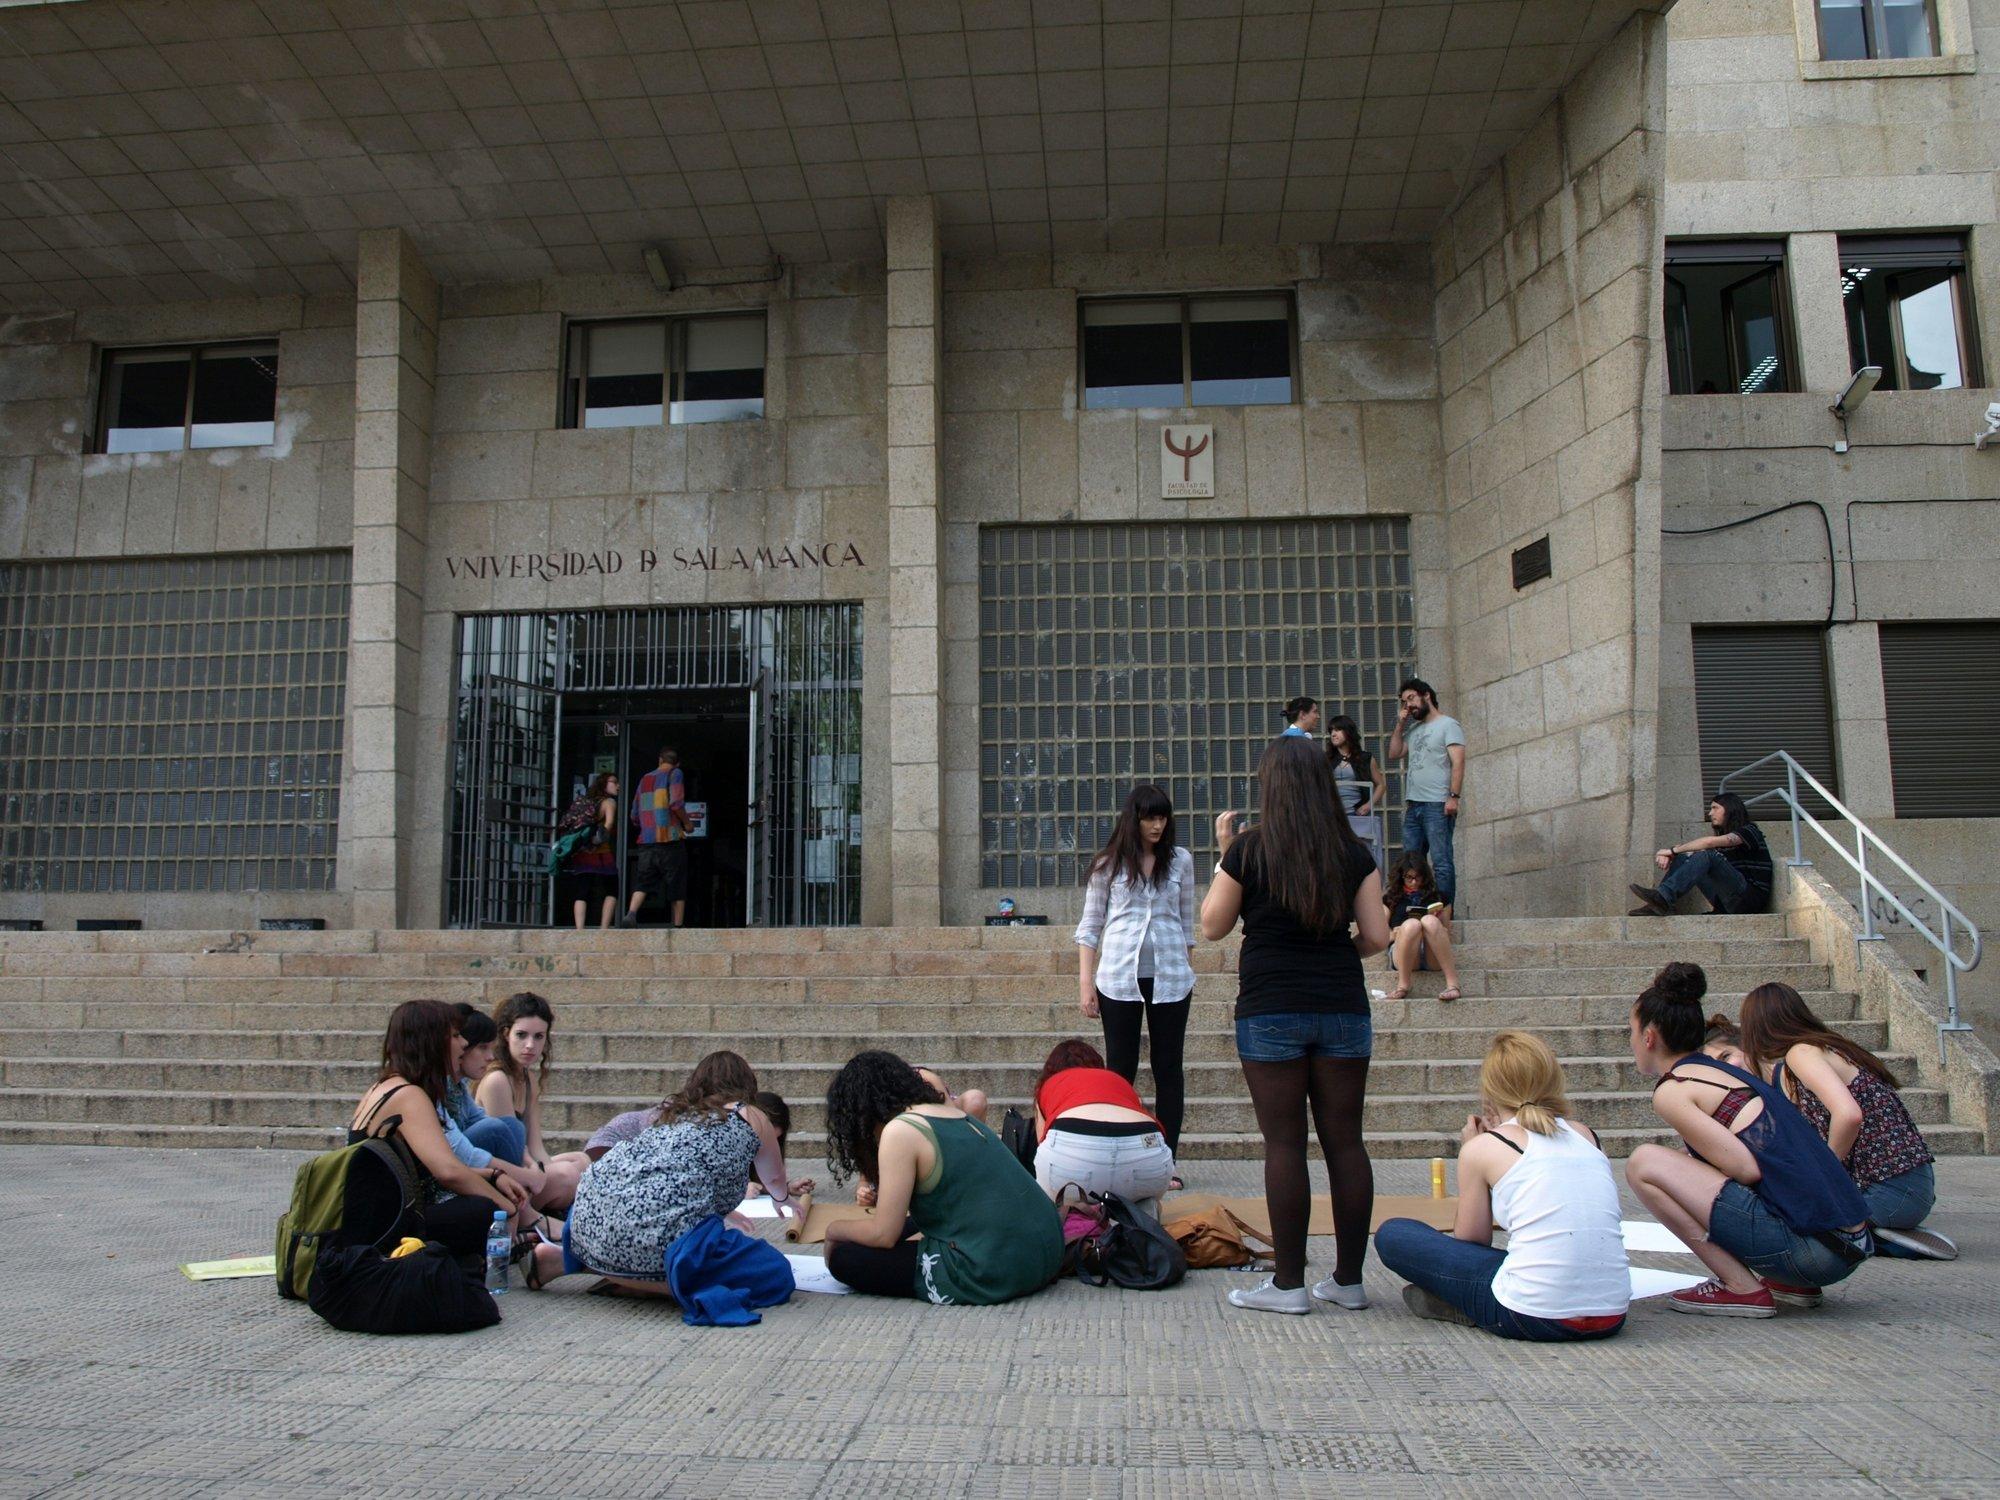 Un grupo de estudiantes se encierra «contra los recortes en educación» en la Universidad de Salamanca